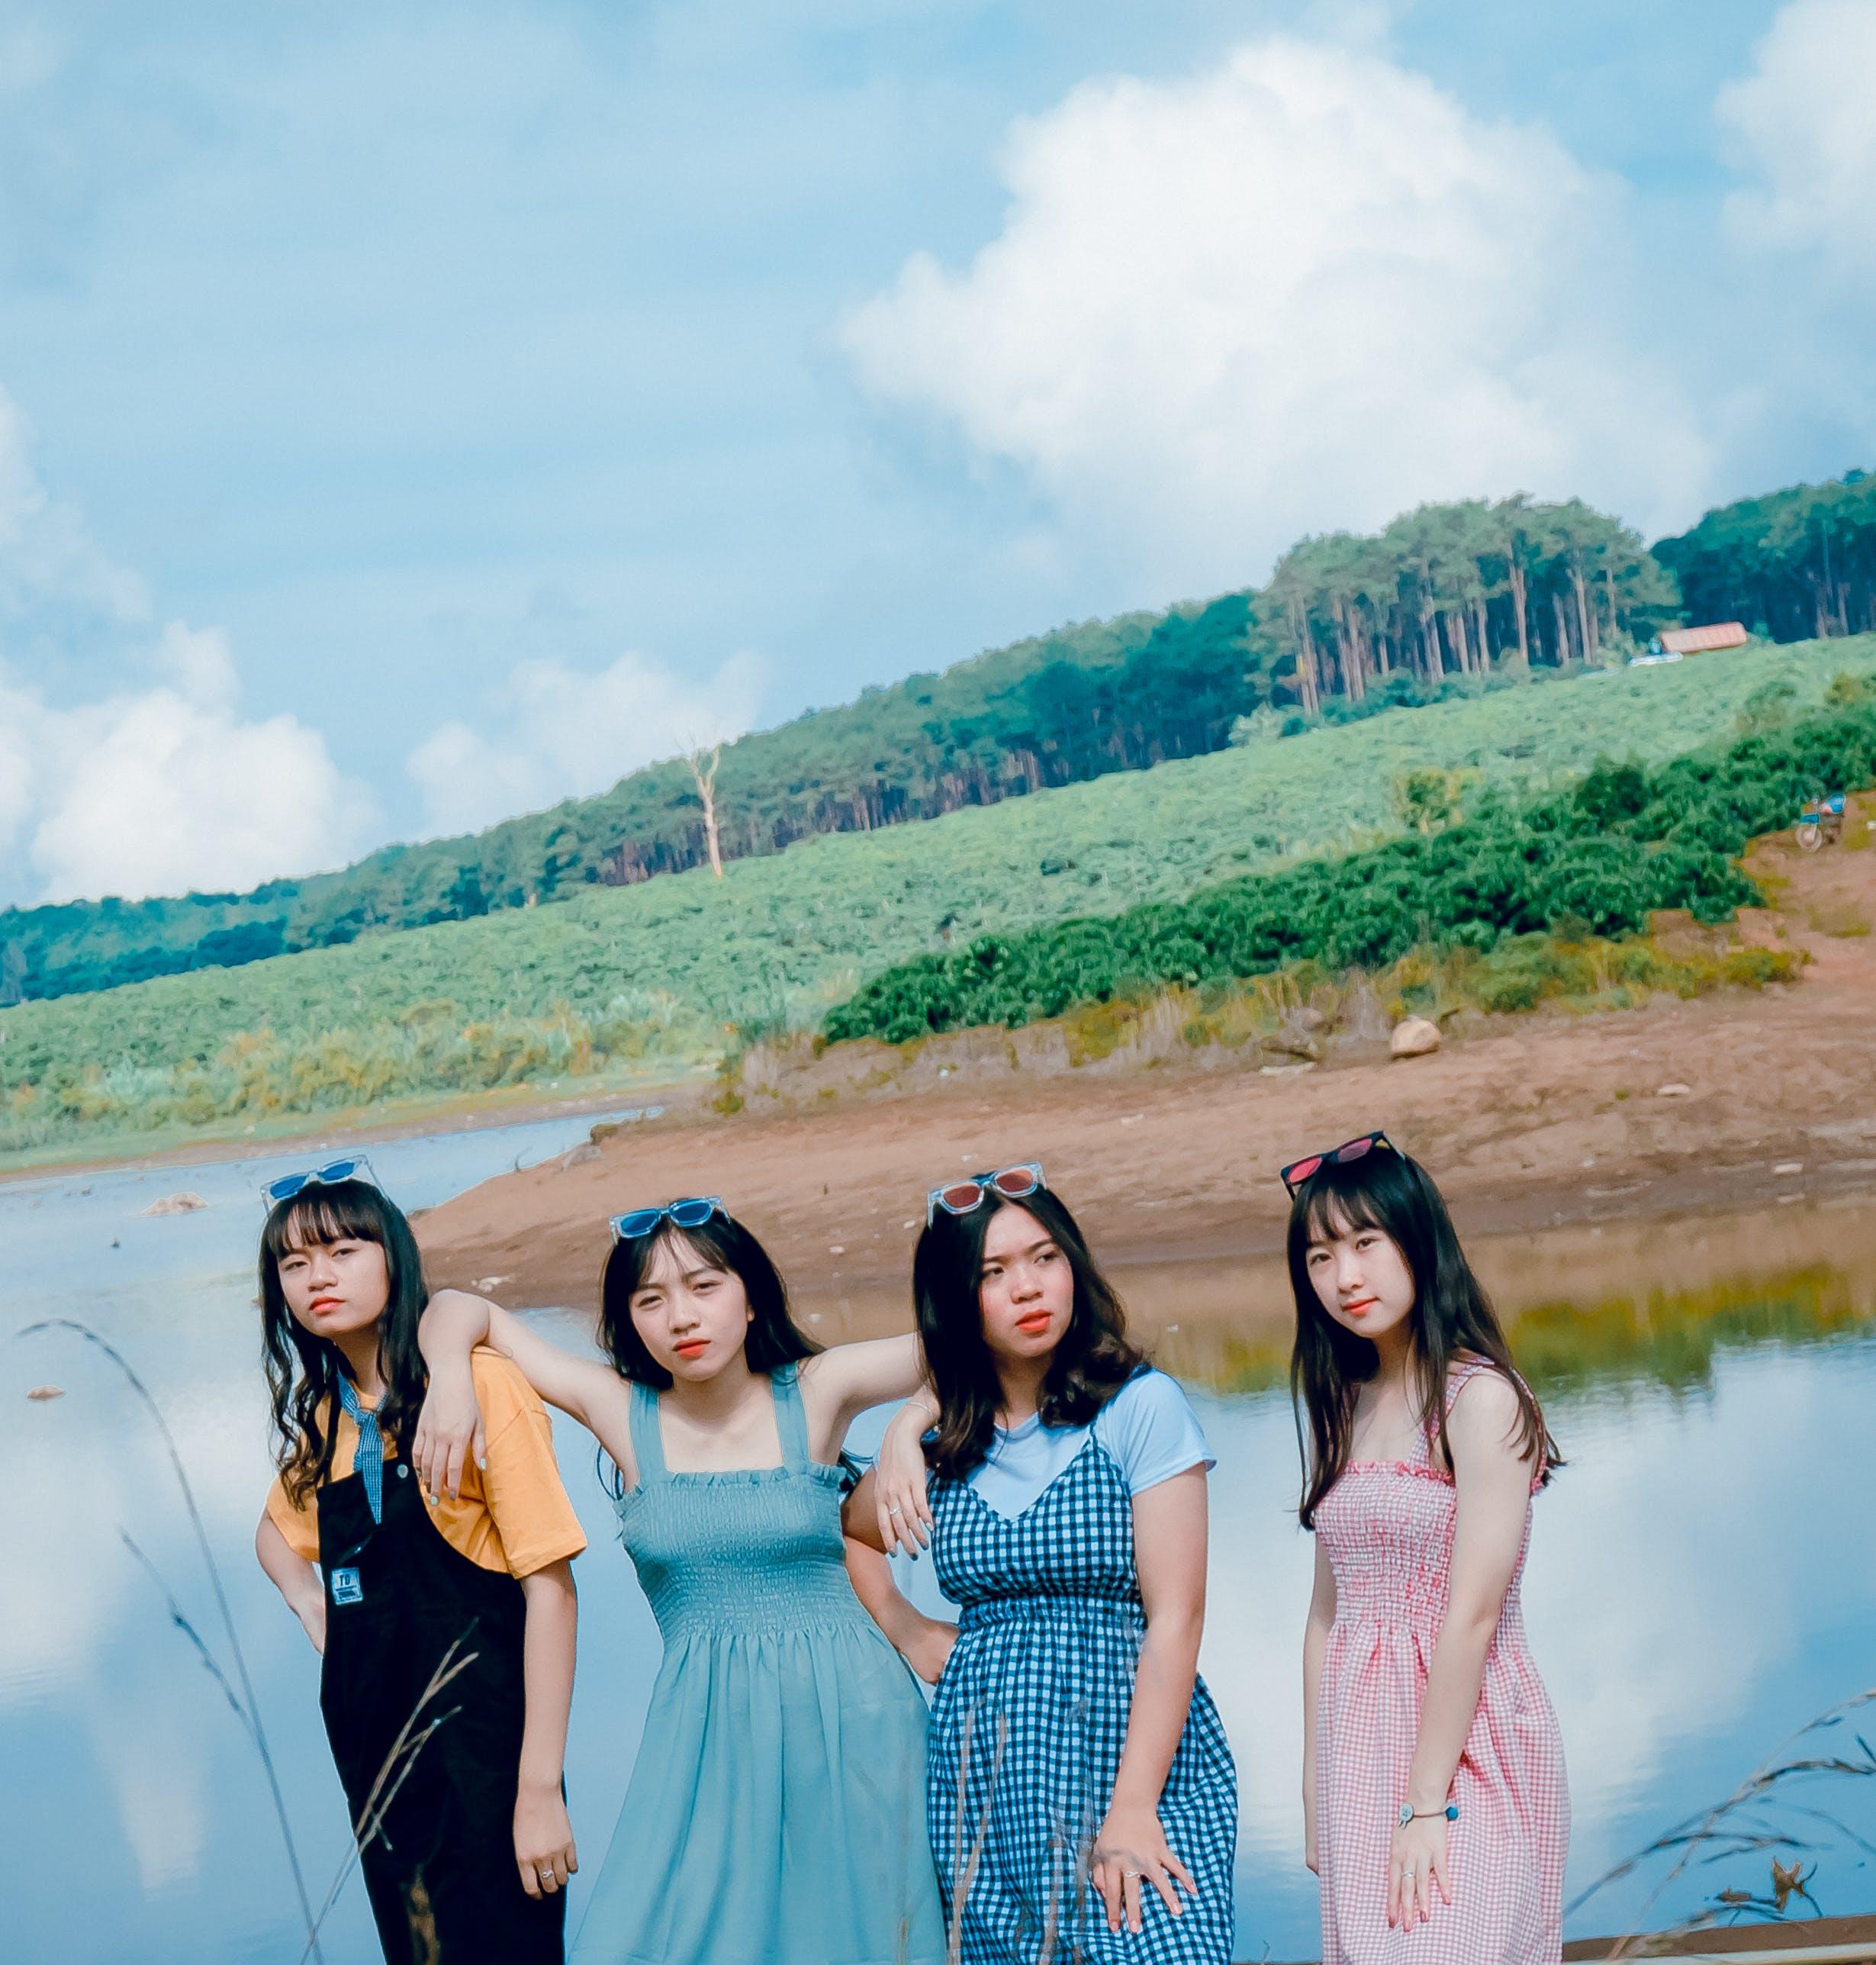 Four Women Near Body Of Water